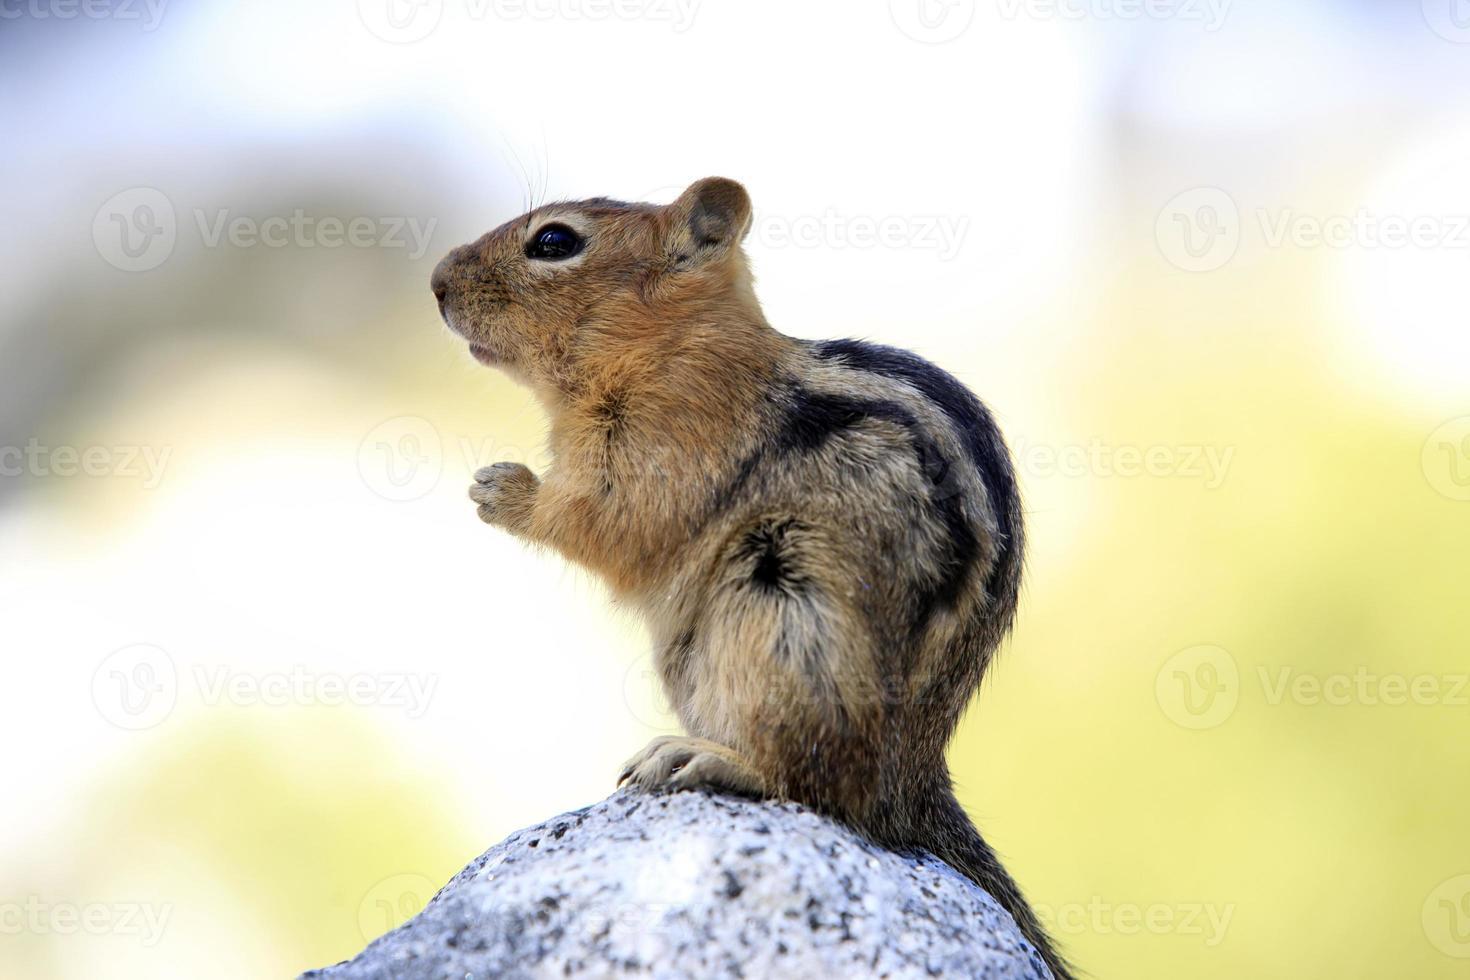 schattige aardeekhoorn foto